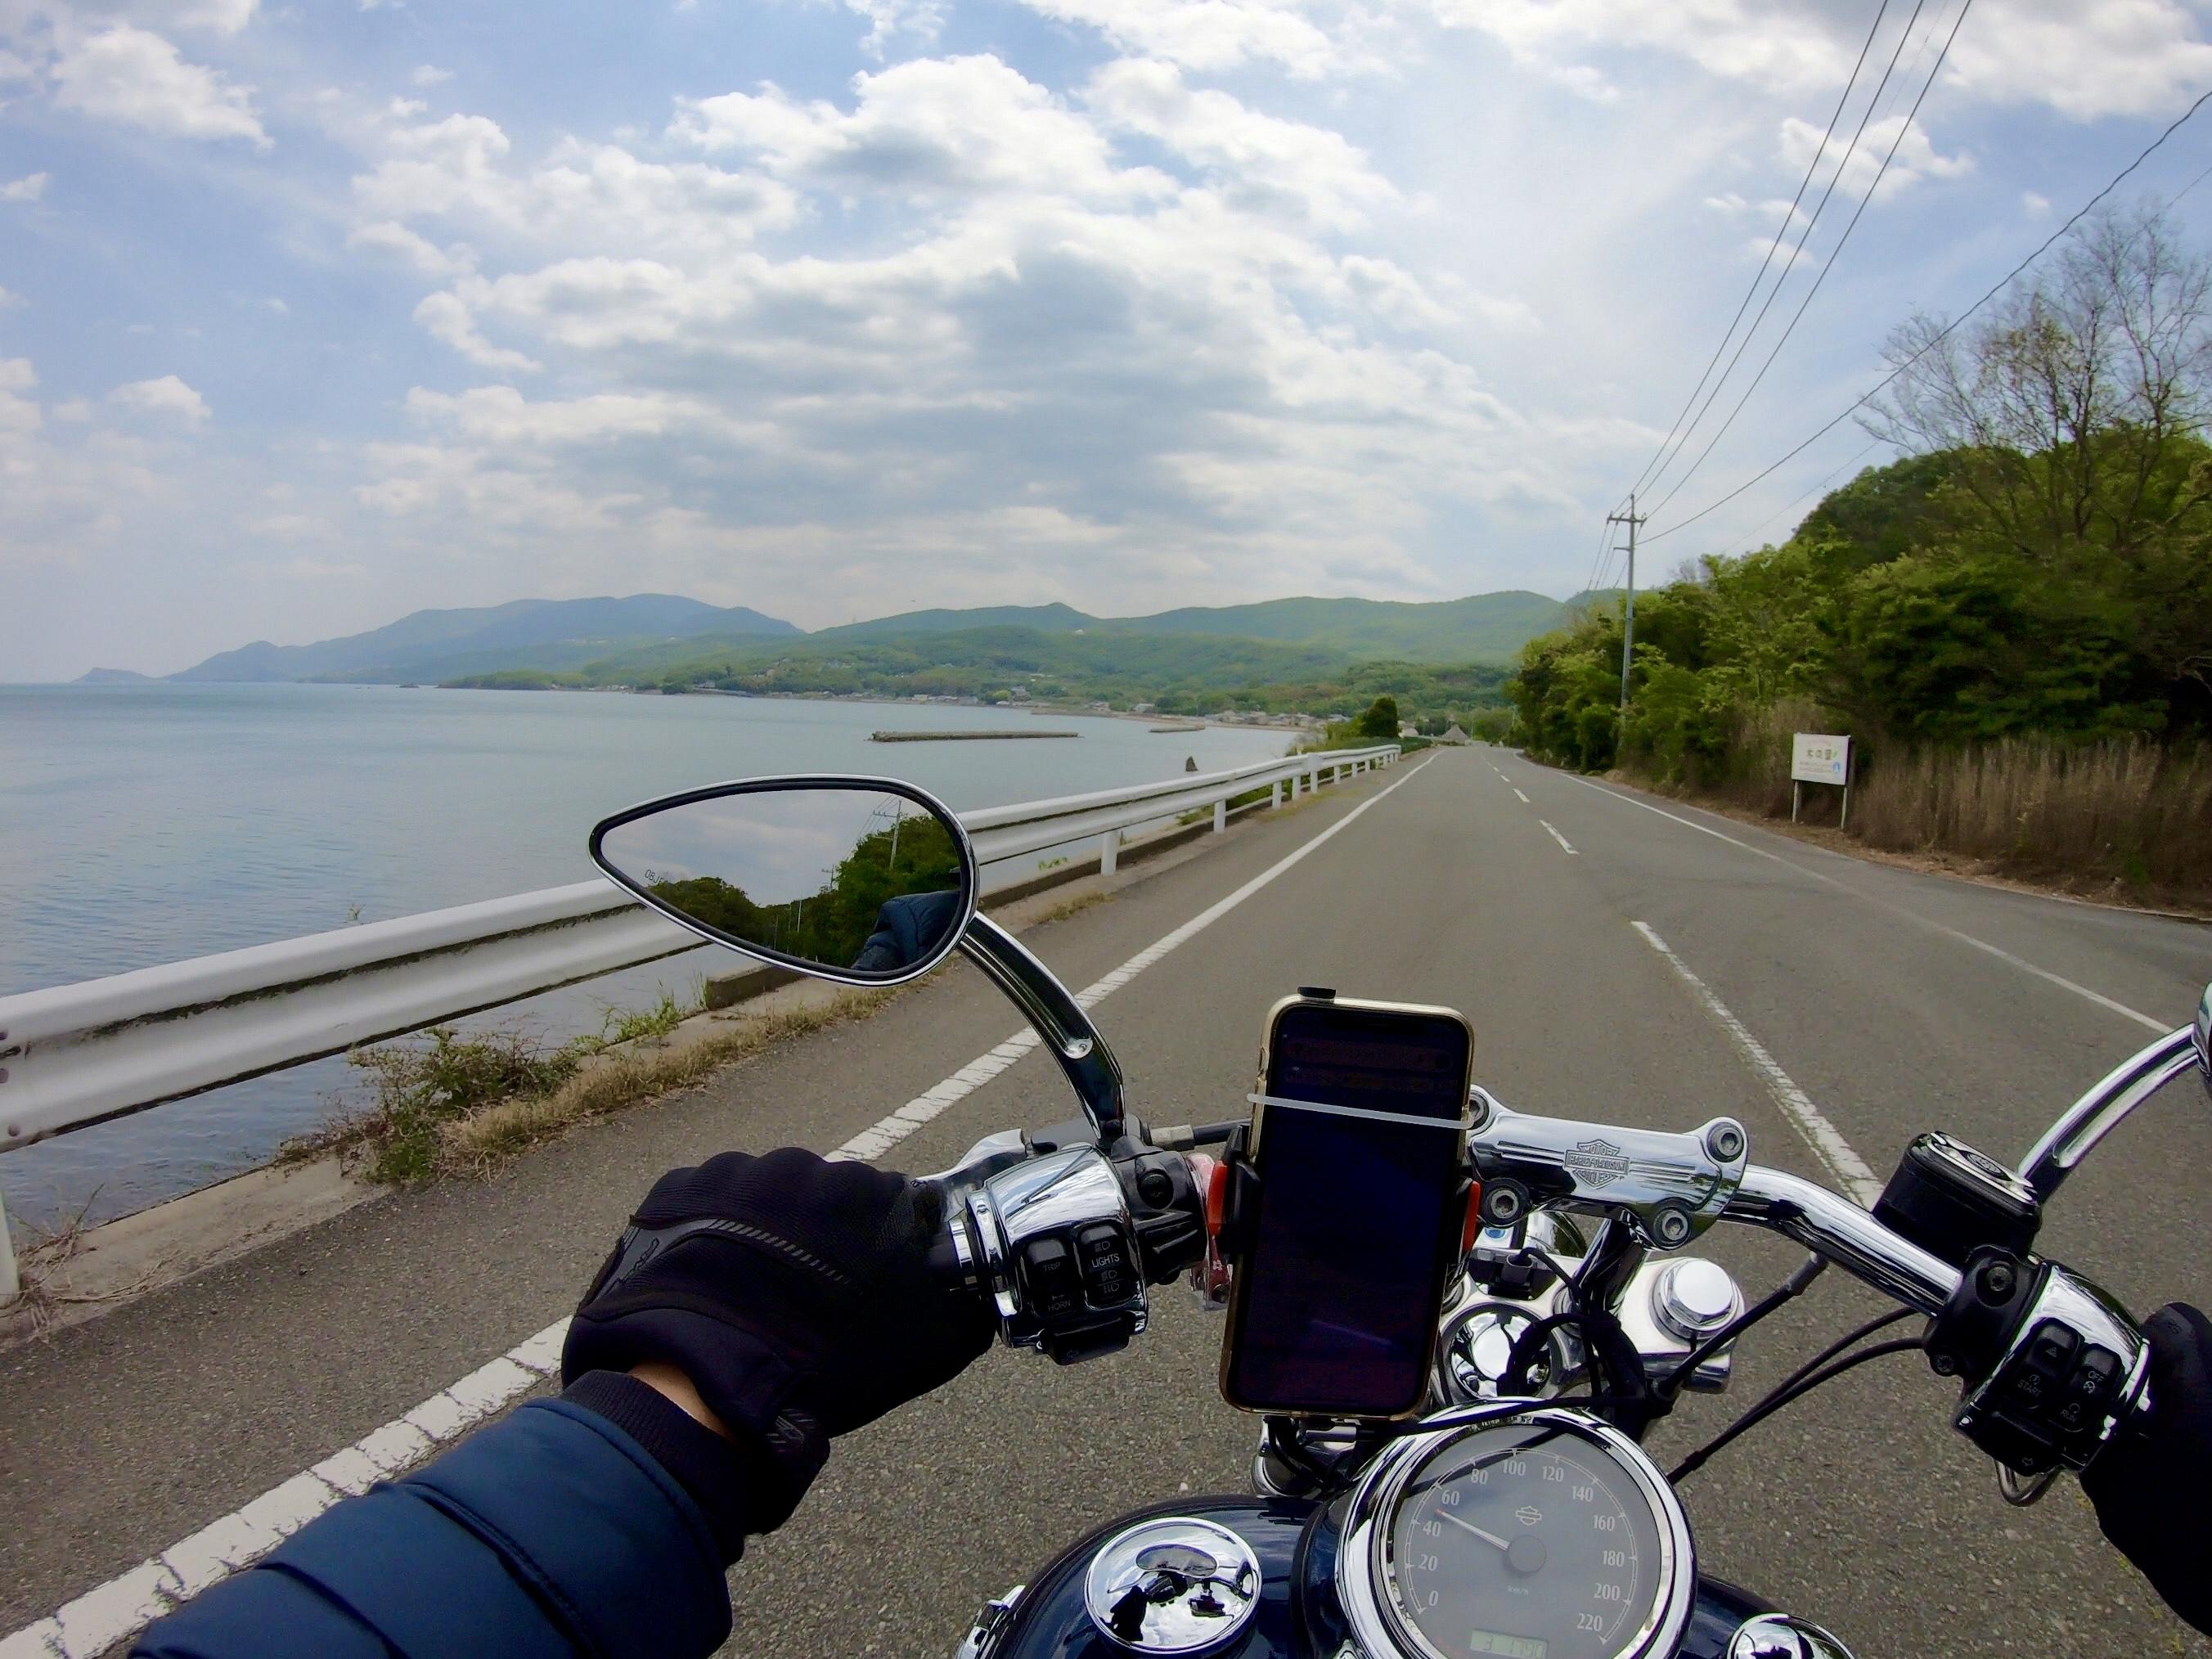 小豆島ツーリング 絶景とグルメ ハーレー 旅 一人 瀬戸内海 海沿い